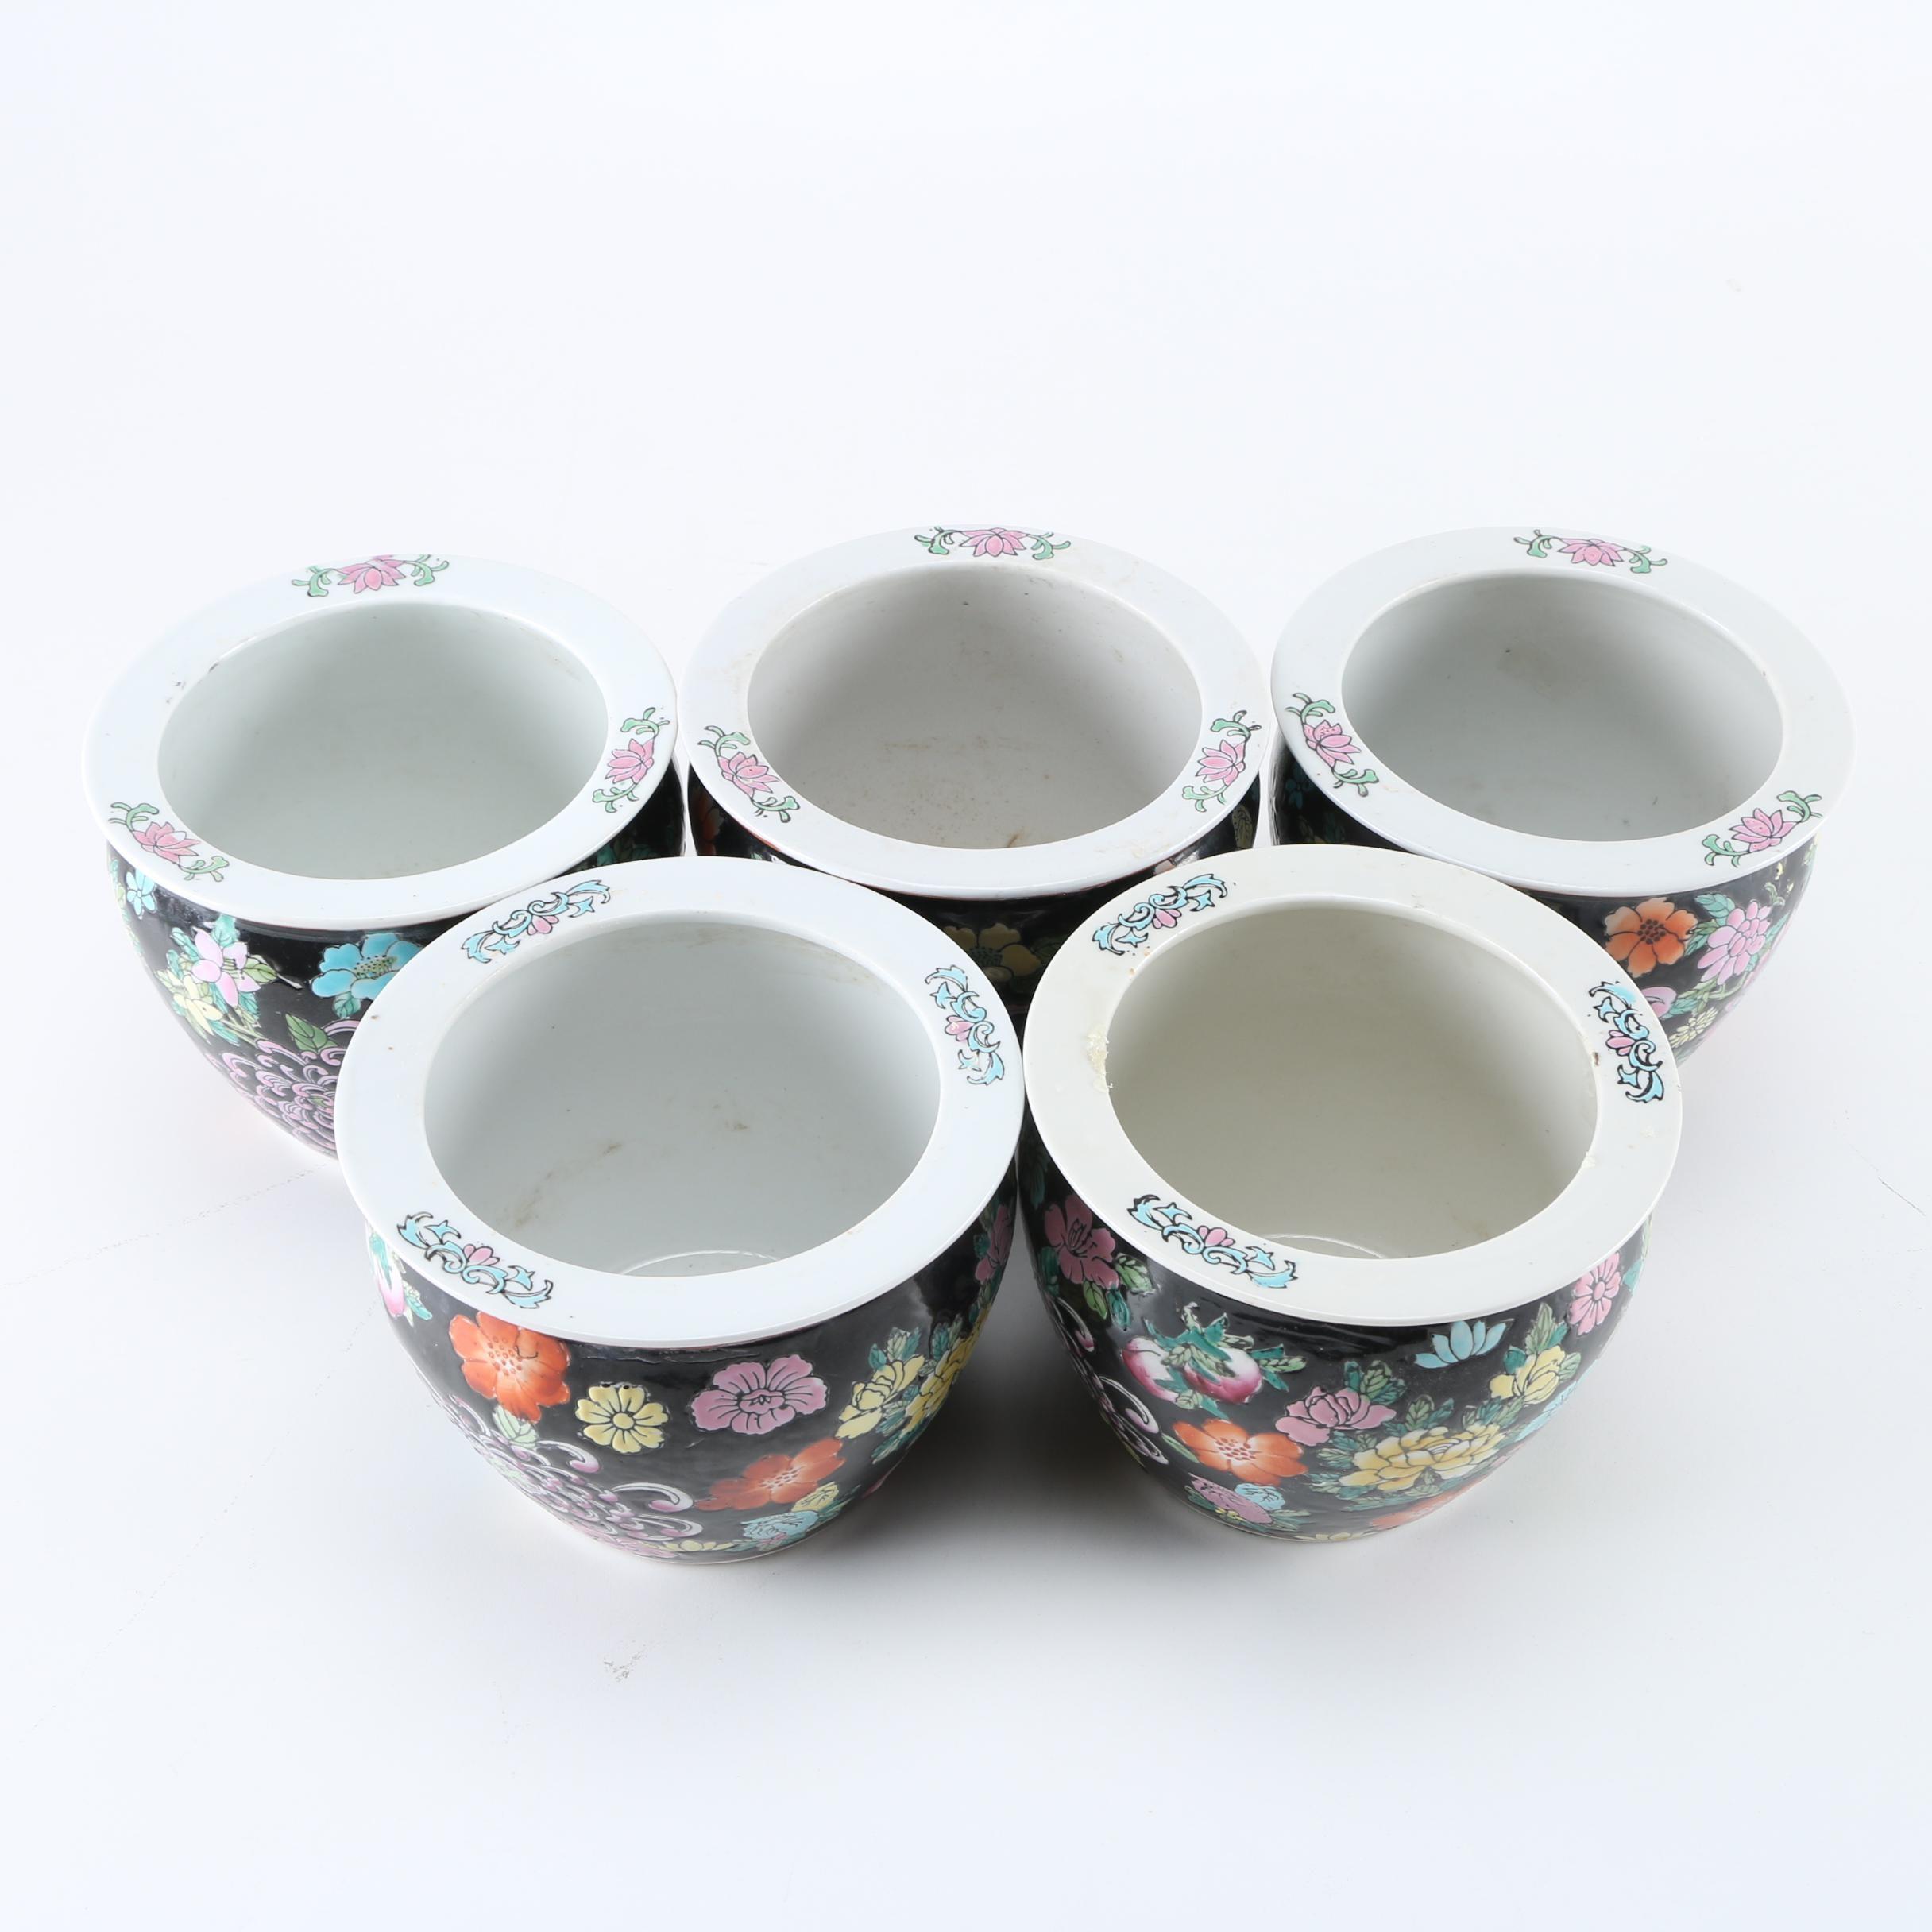 Set of Five Porcelain Famille Noire Style Planters